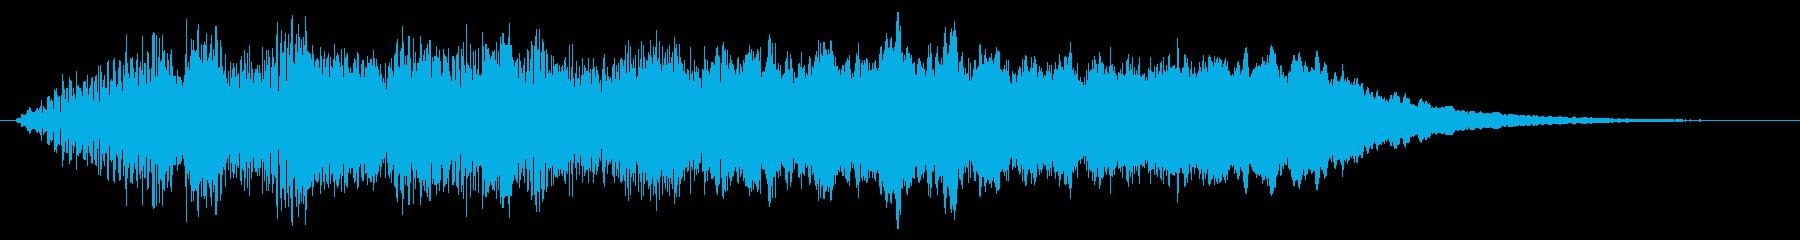 EDM系のDJ/音楽制作用フレーズ!03の再生済みの波形